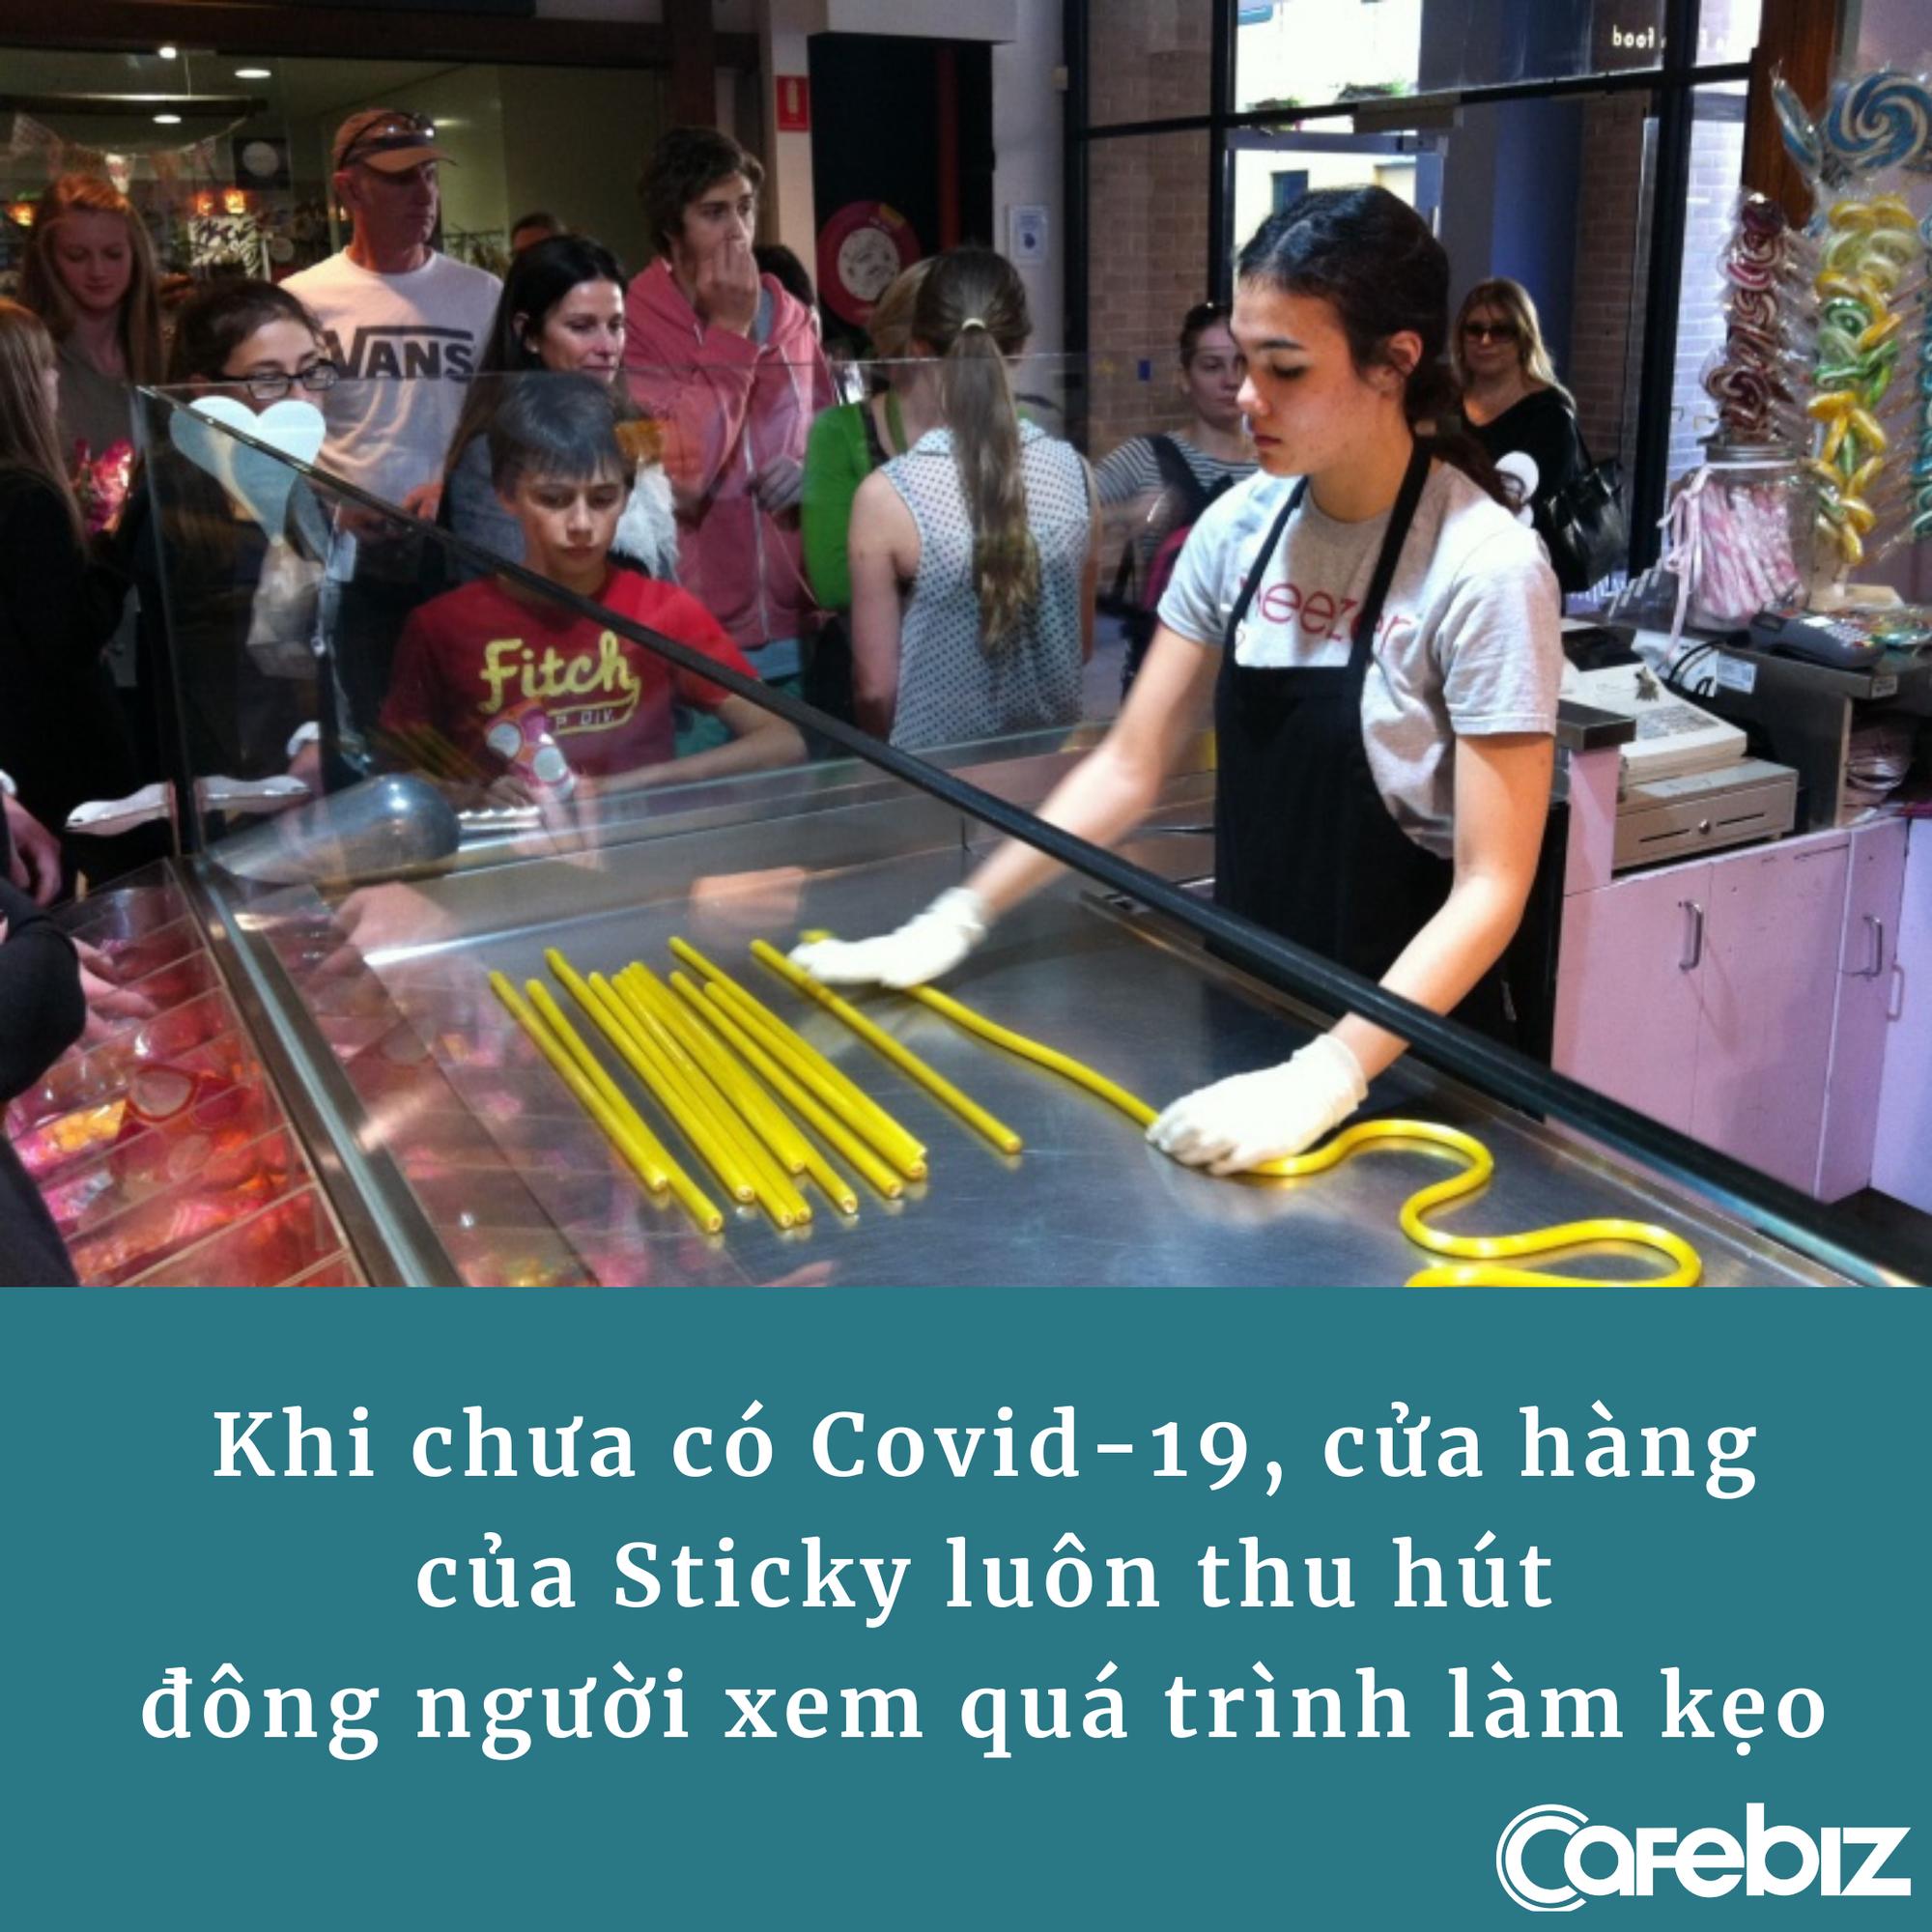 Sắp 'toang' vì Covid-19, chủ hàng kẹo vô danh dùng 25 USD làm marketing, sau hơn 1 năm có 5,5 triệu follower trên MXH, chốt đơn mỏi tay - Ảnh 1.